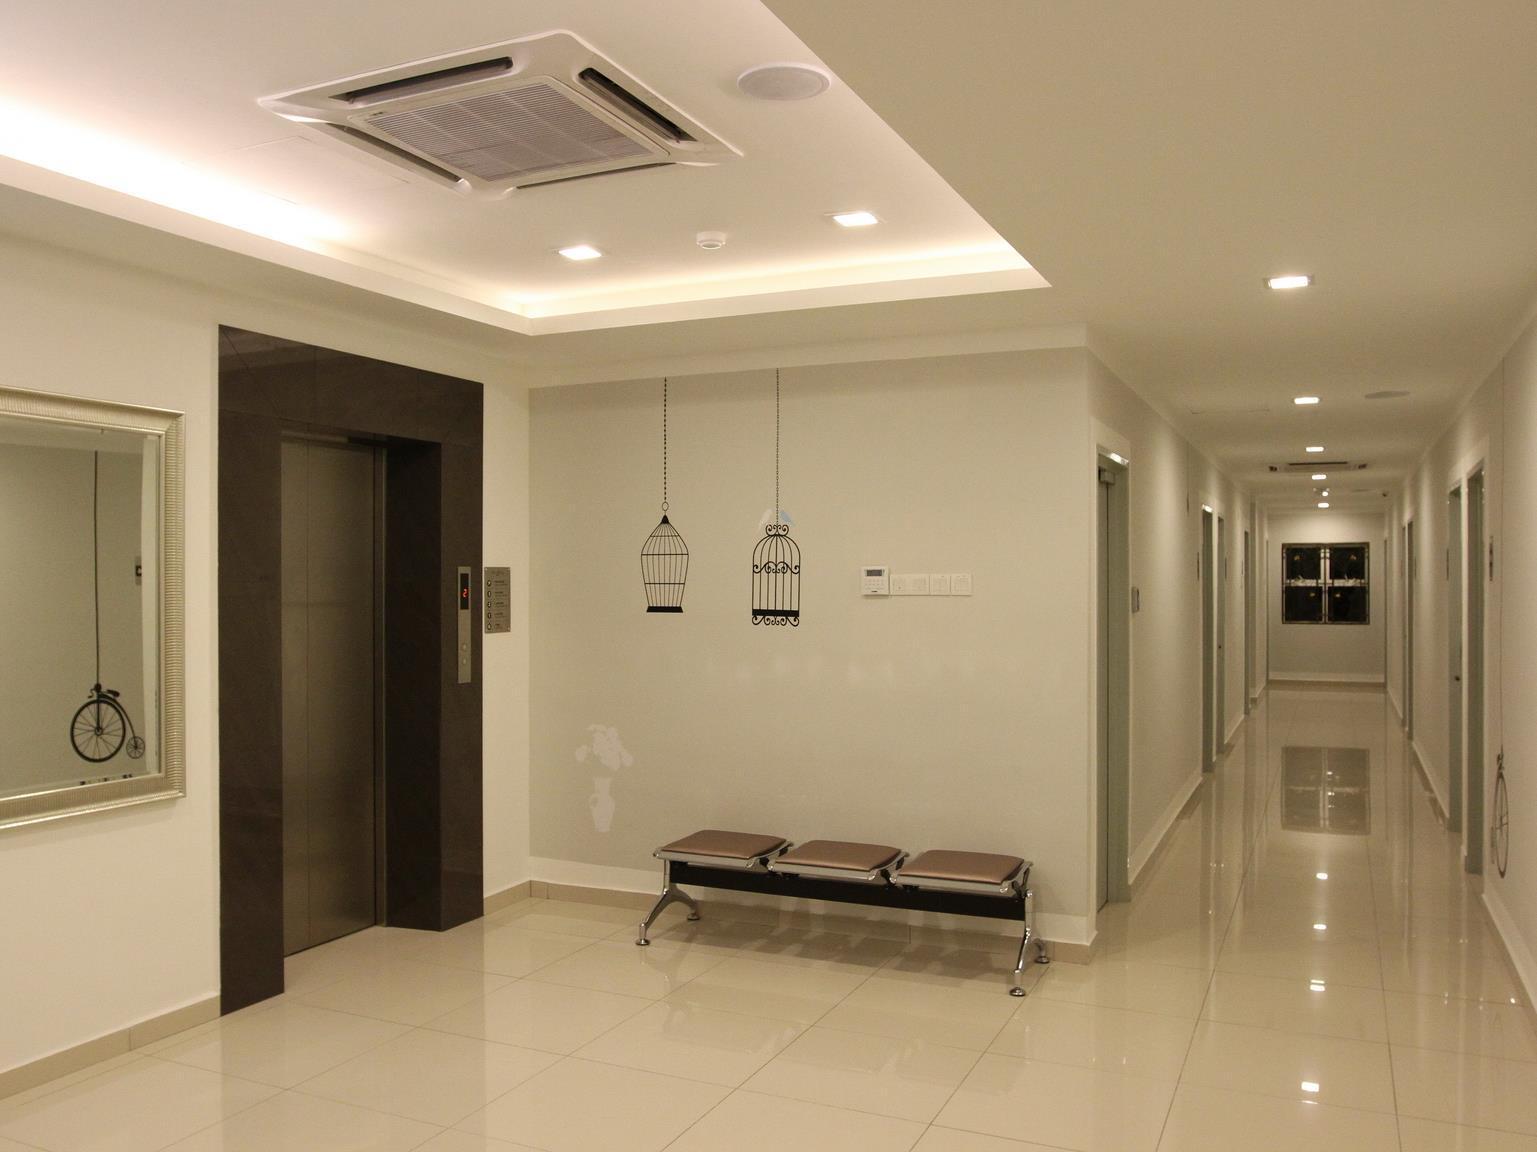 Hotel Pudu Bintang, Kuala Lumpur